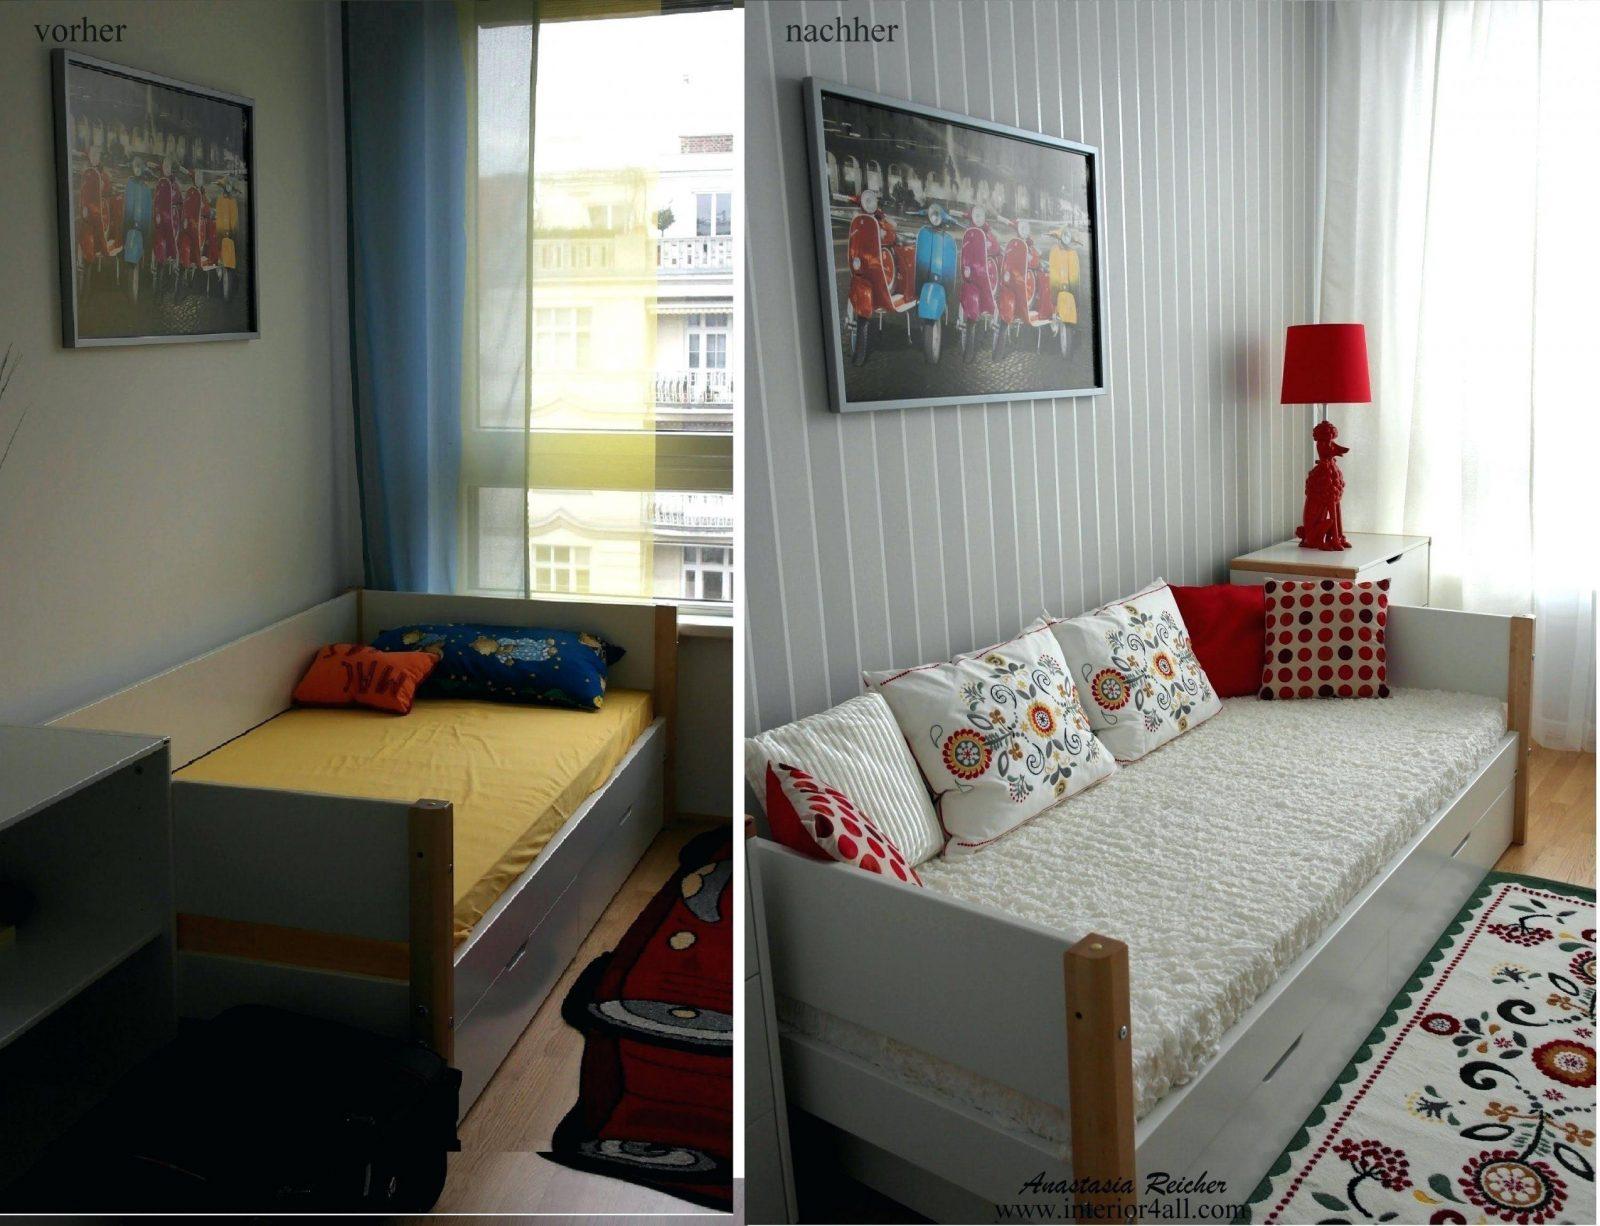 Kleines Jugendzimmer Einrichten Spannende Schlafzimmer 88 Images L von Kleine Jugendzimmer Optimal Einrichten Bild